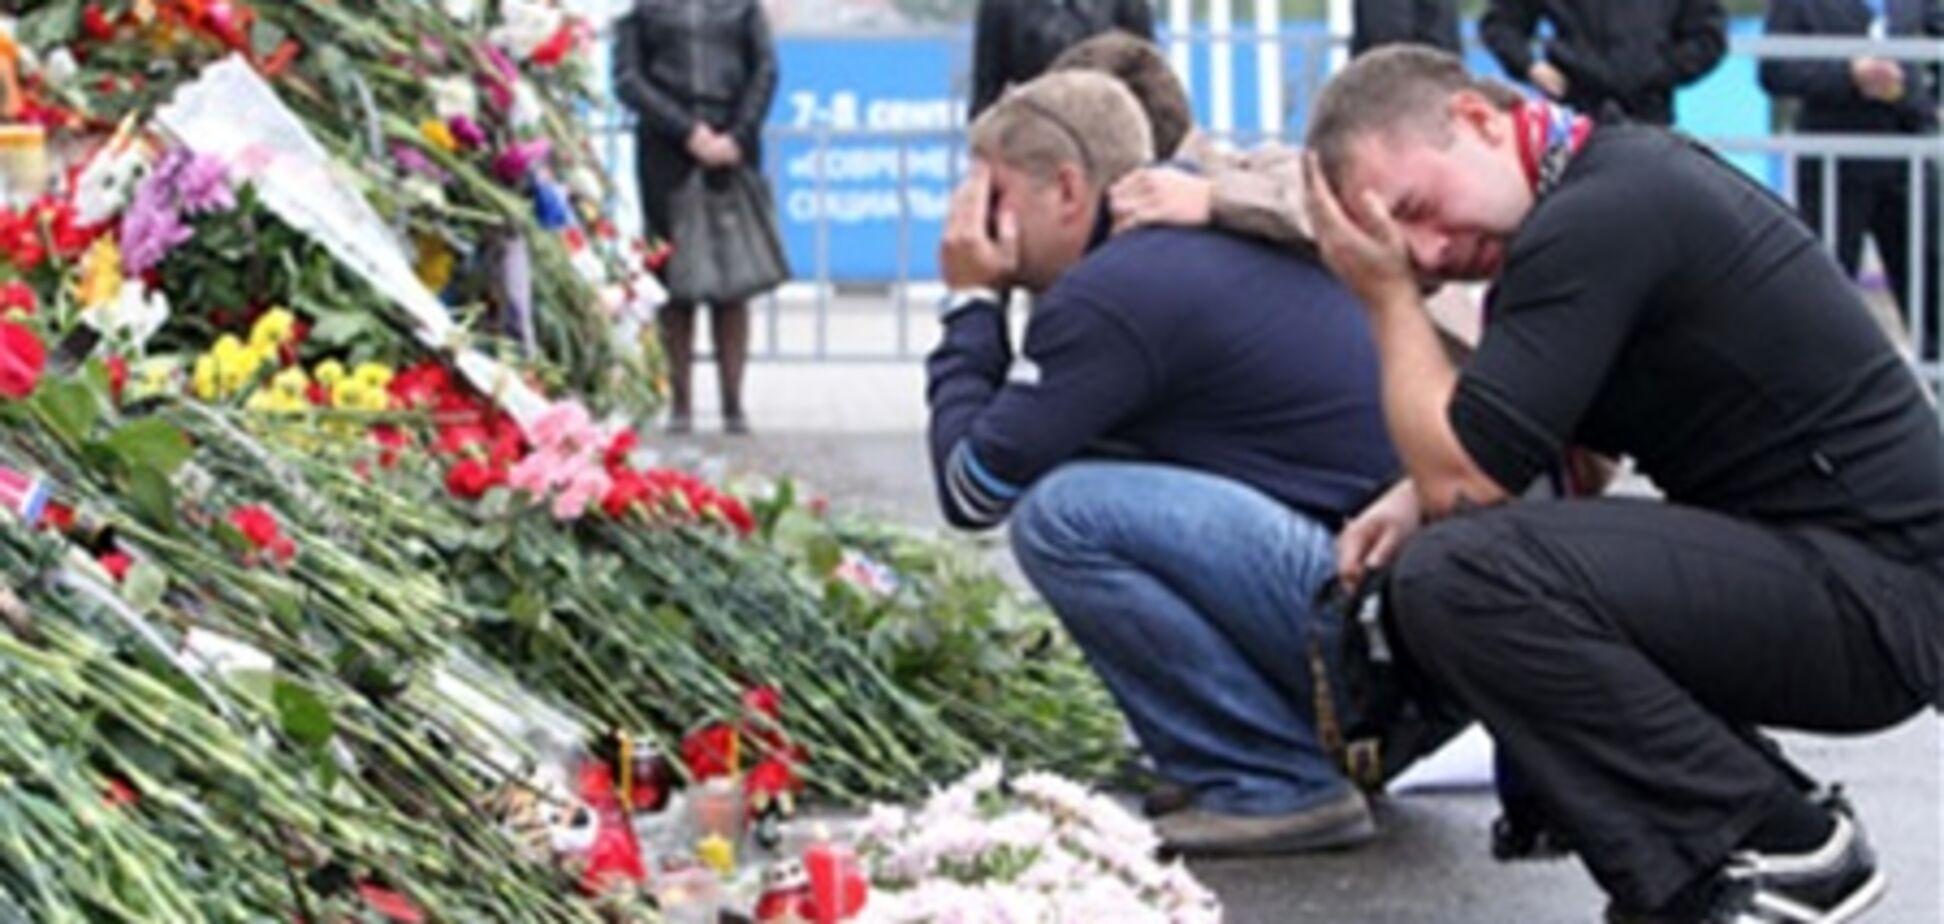 Торговцы взвинтили цены на цветы в день похорон хоккеиста Галимова